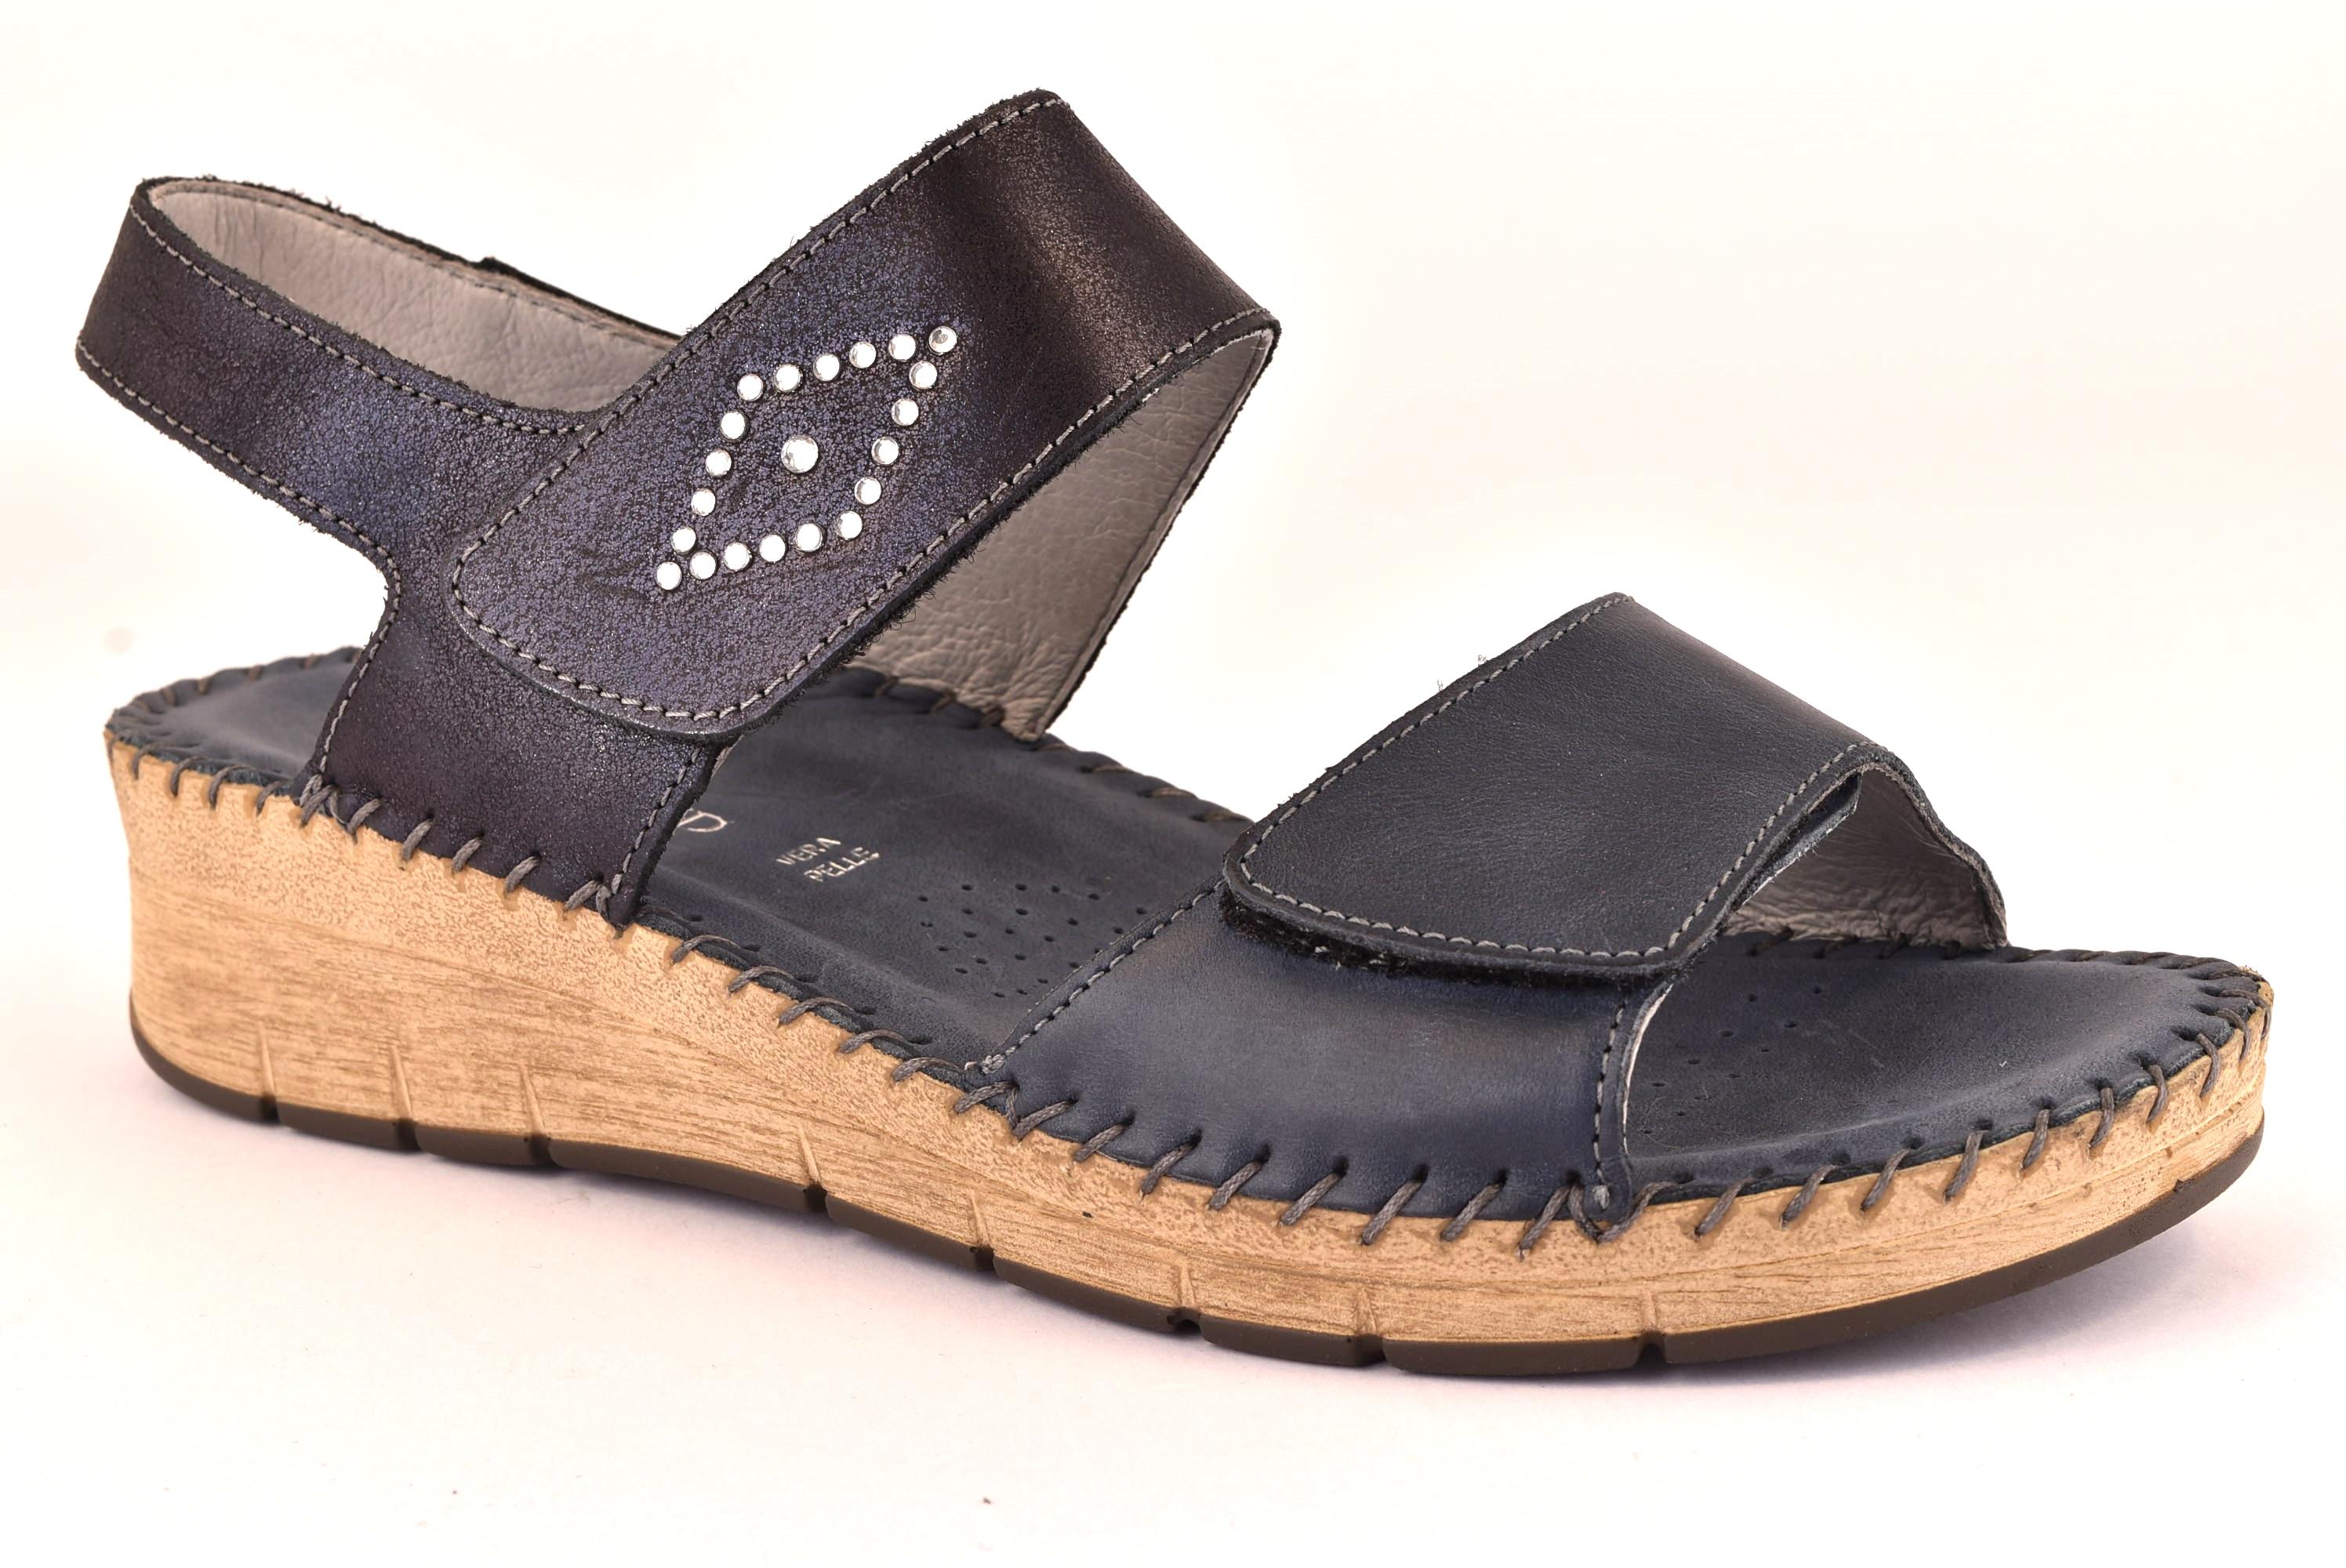 GRUNLAND PALO SA1730 80 BLU Sandalo Pelle Zeppa Comodo Strappi Donna Scarpe 915ecc1d05f